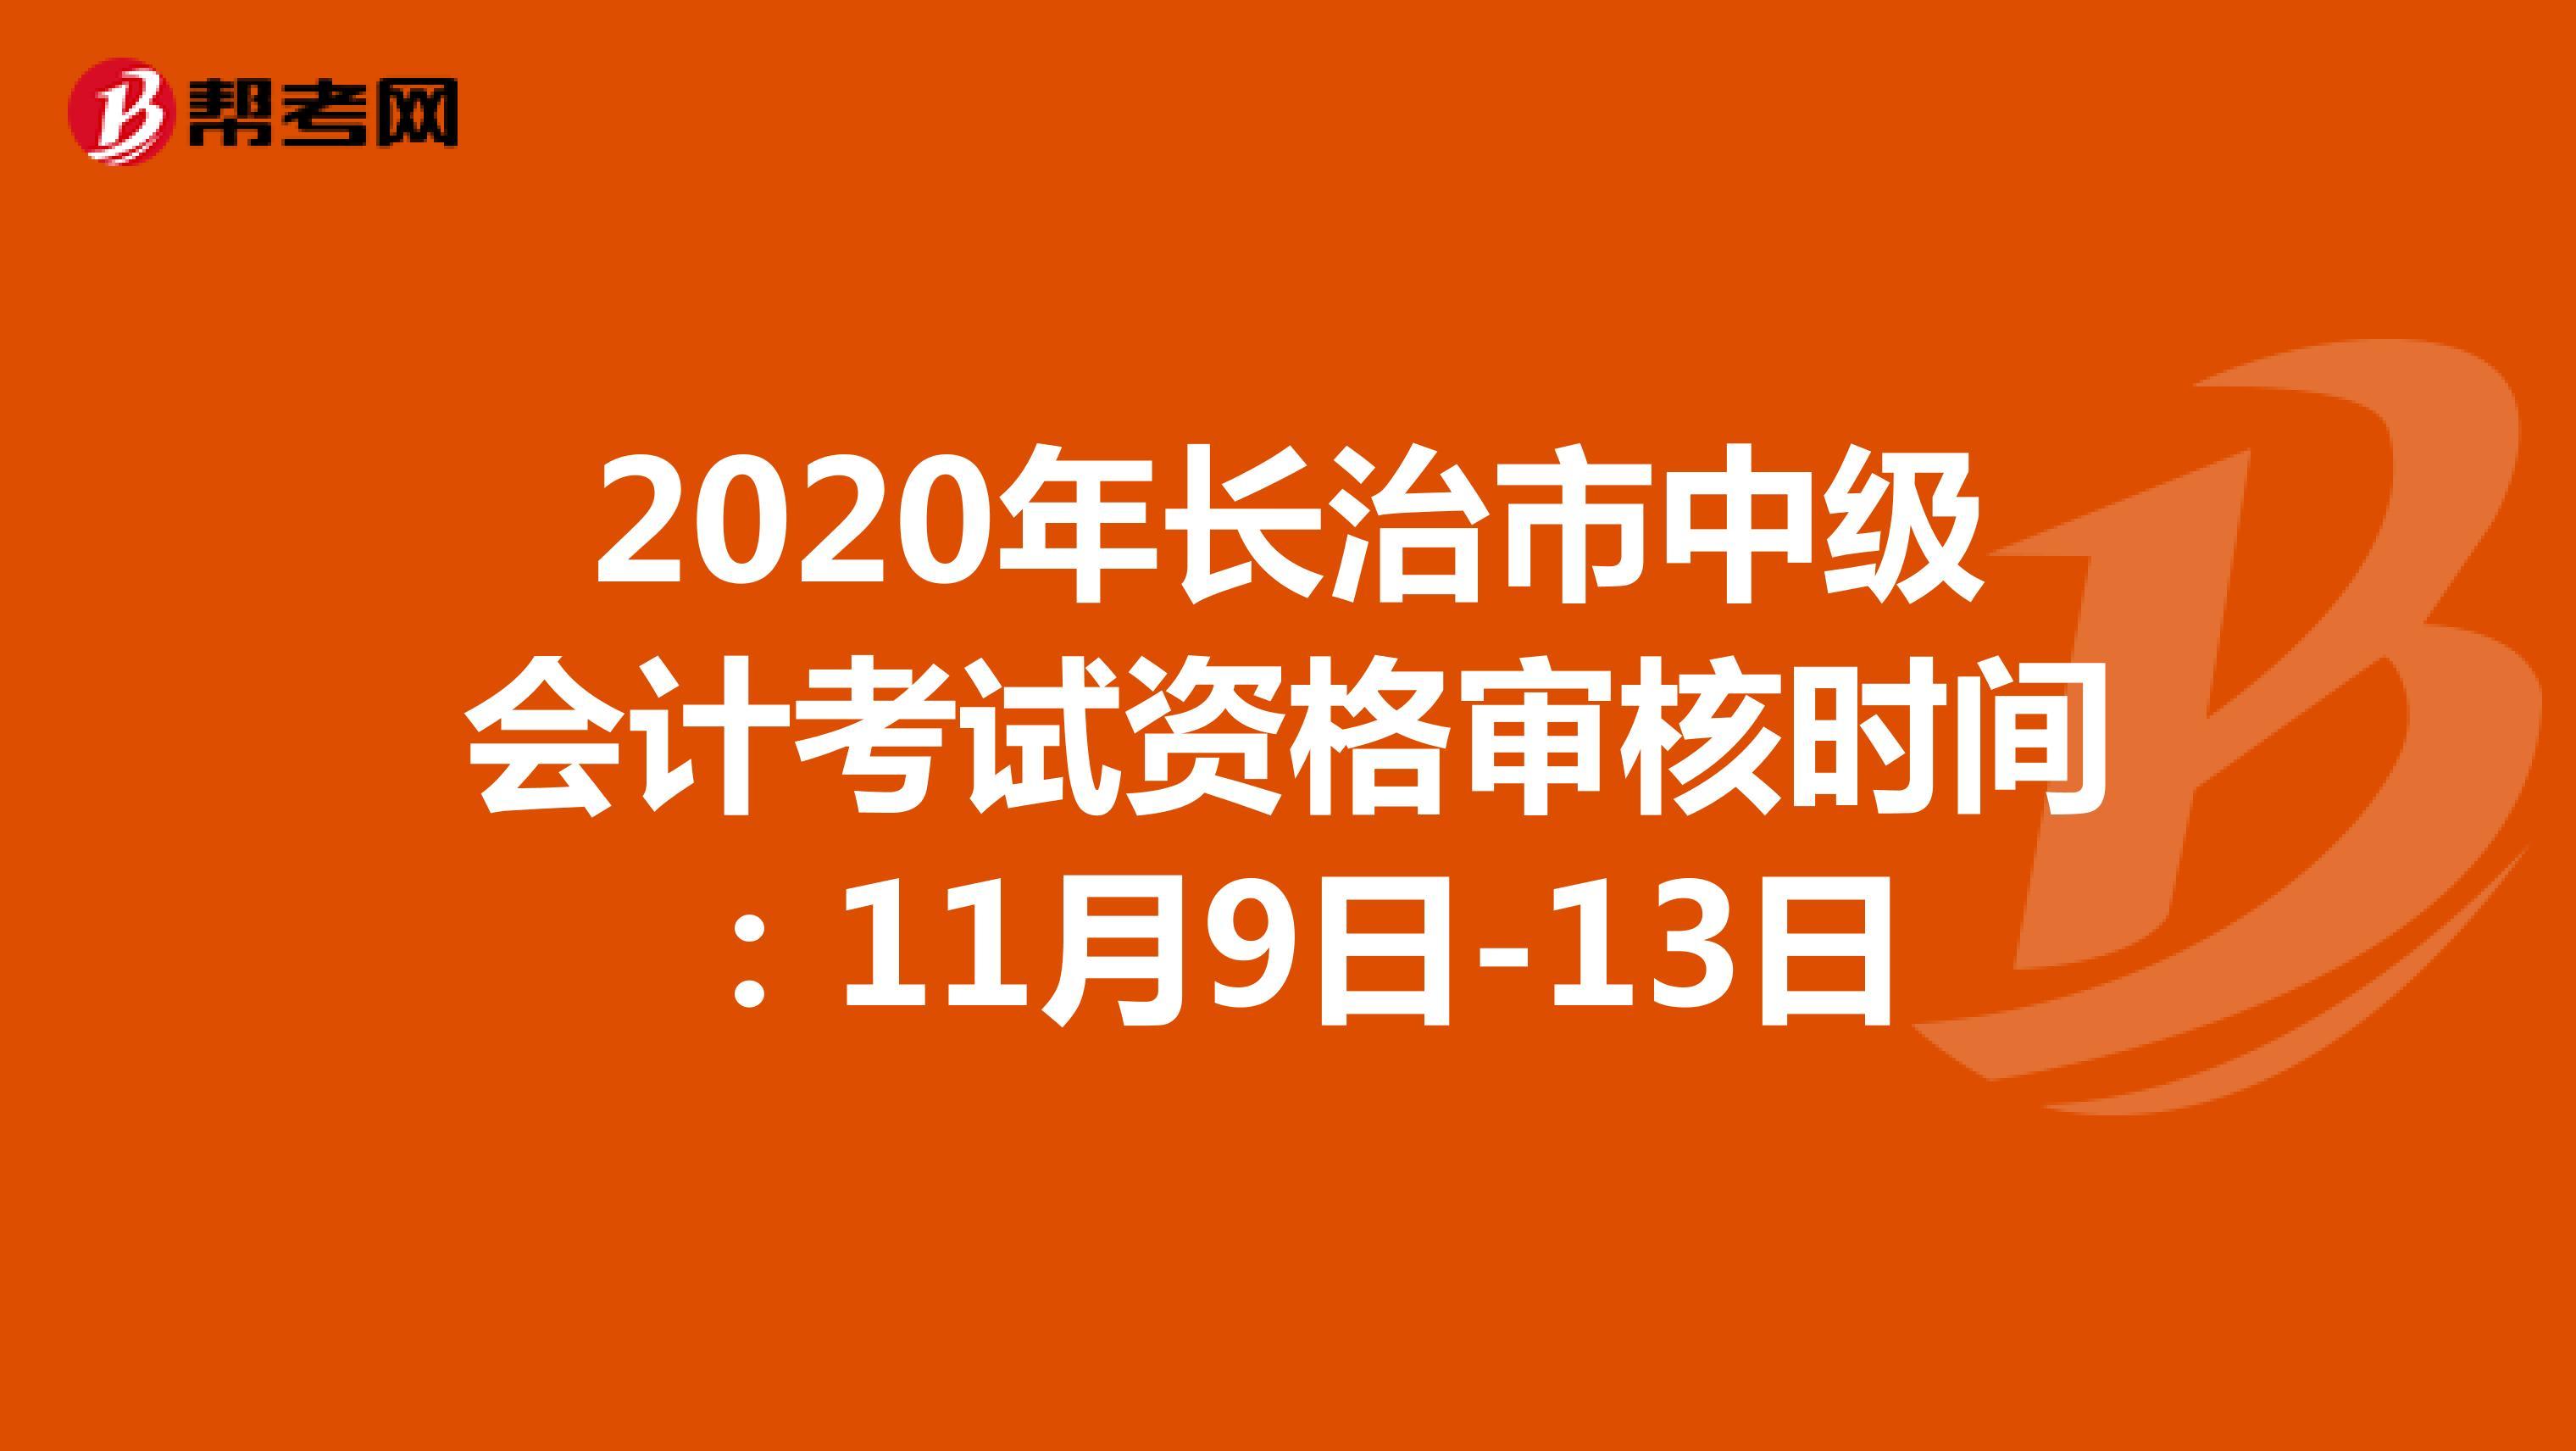 2020年长治市中级会计考试资格审核时间:11月9日-13日